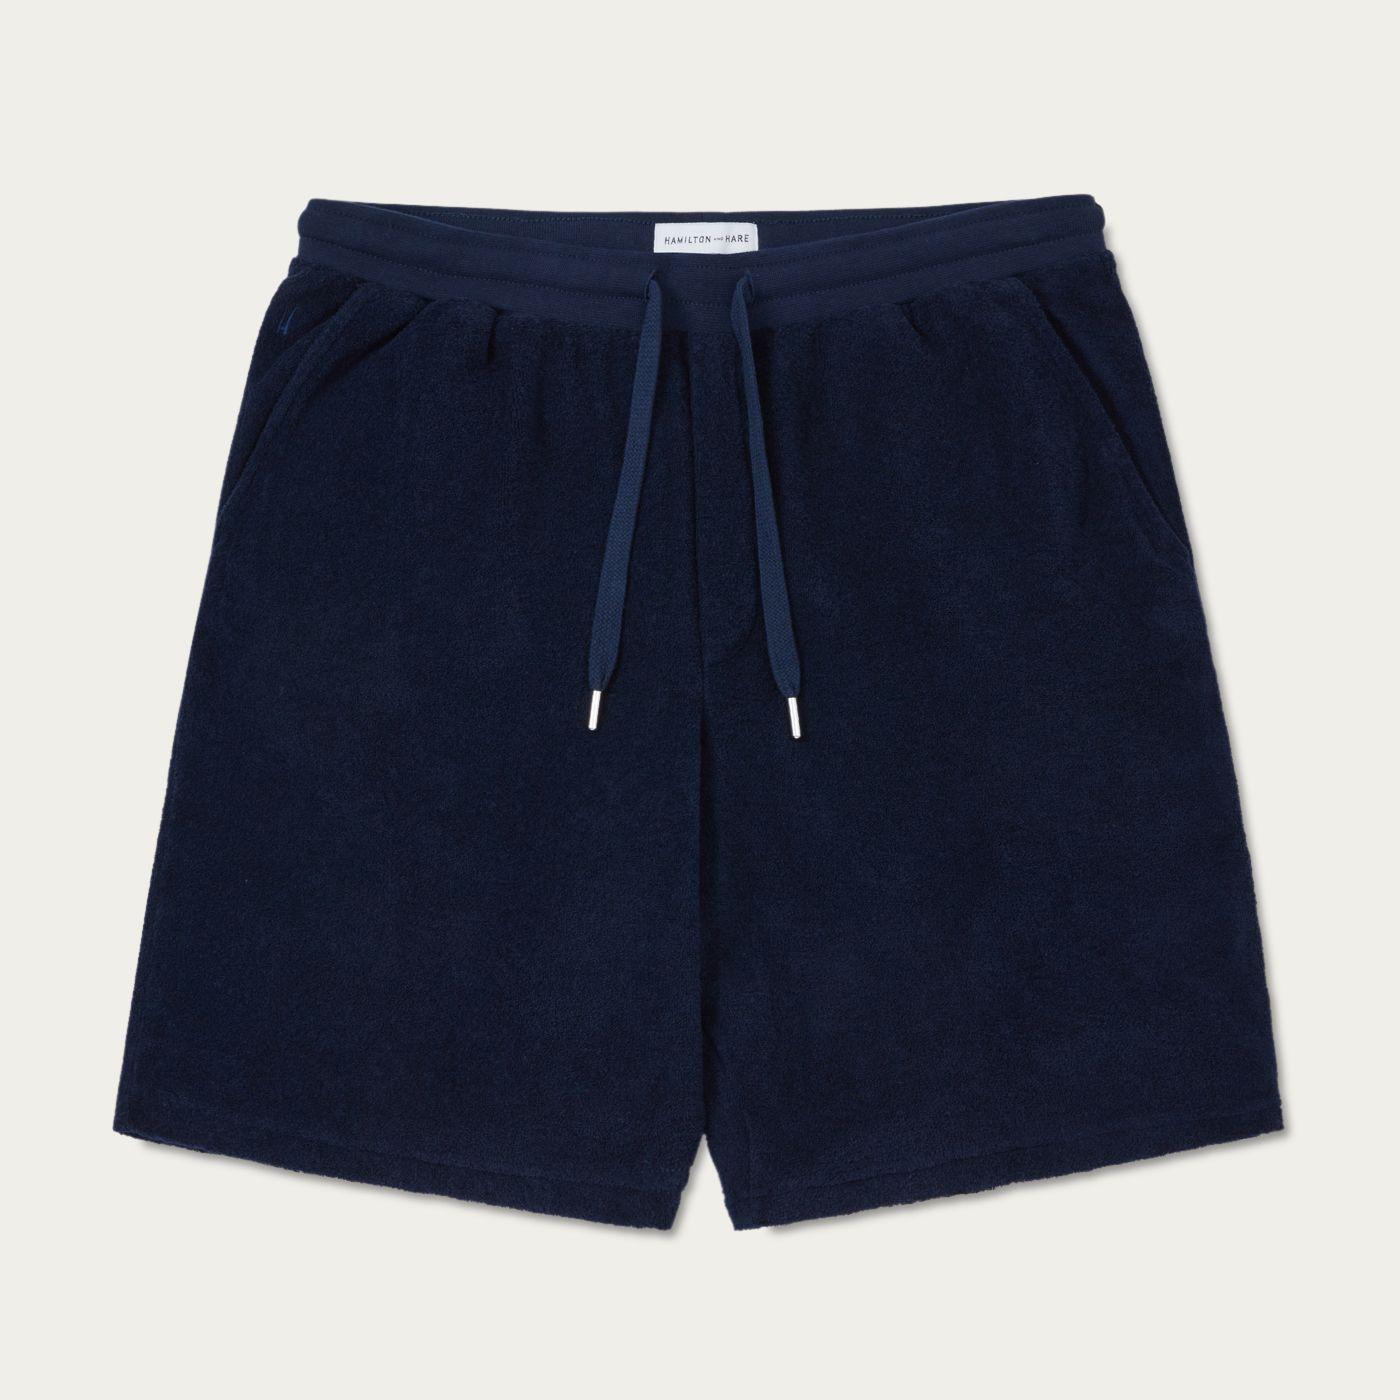 Navy Terry Drawstring Shorts | Bombinate